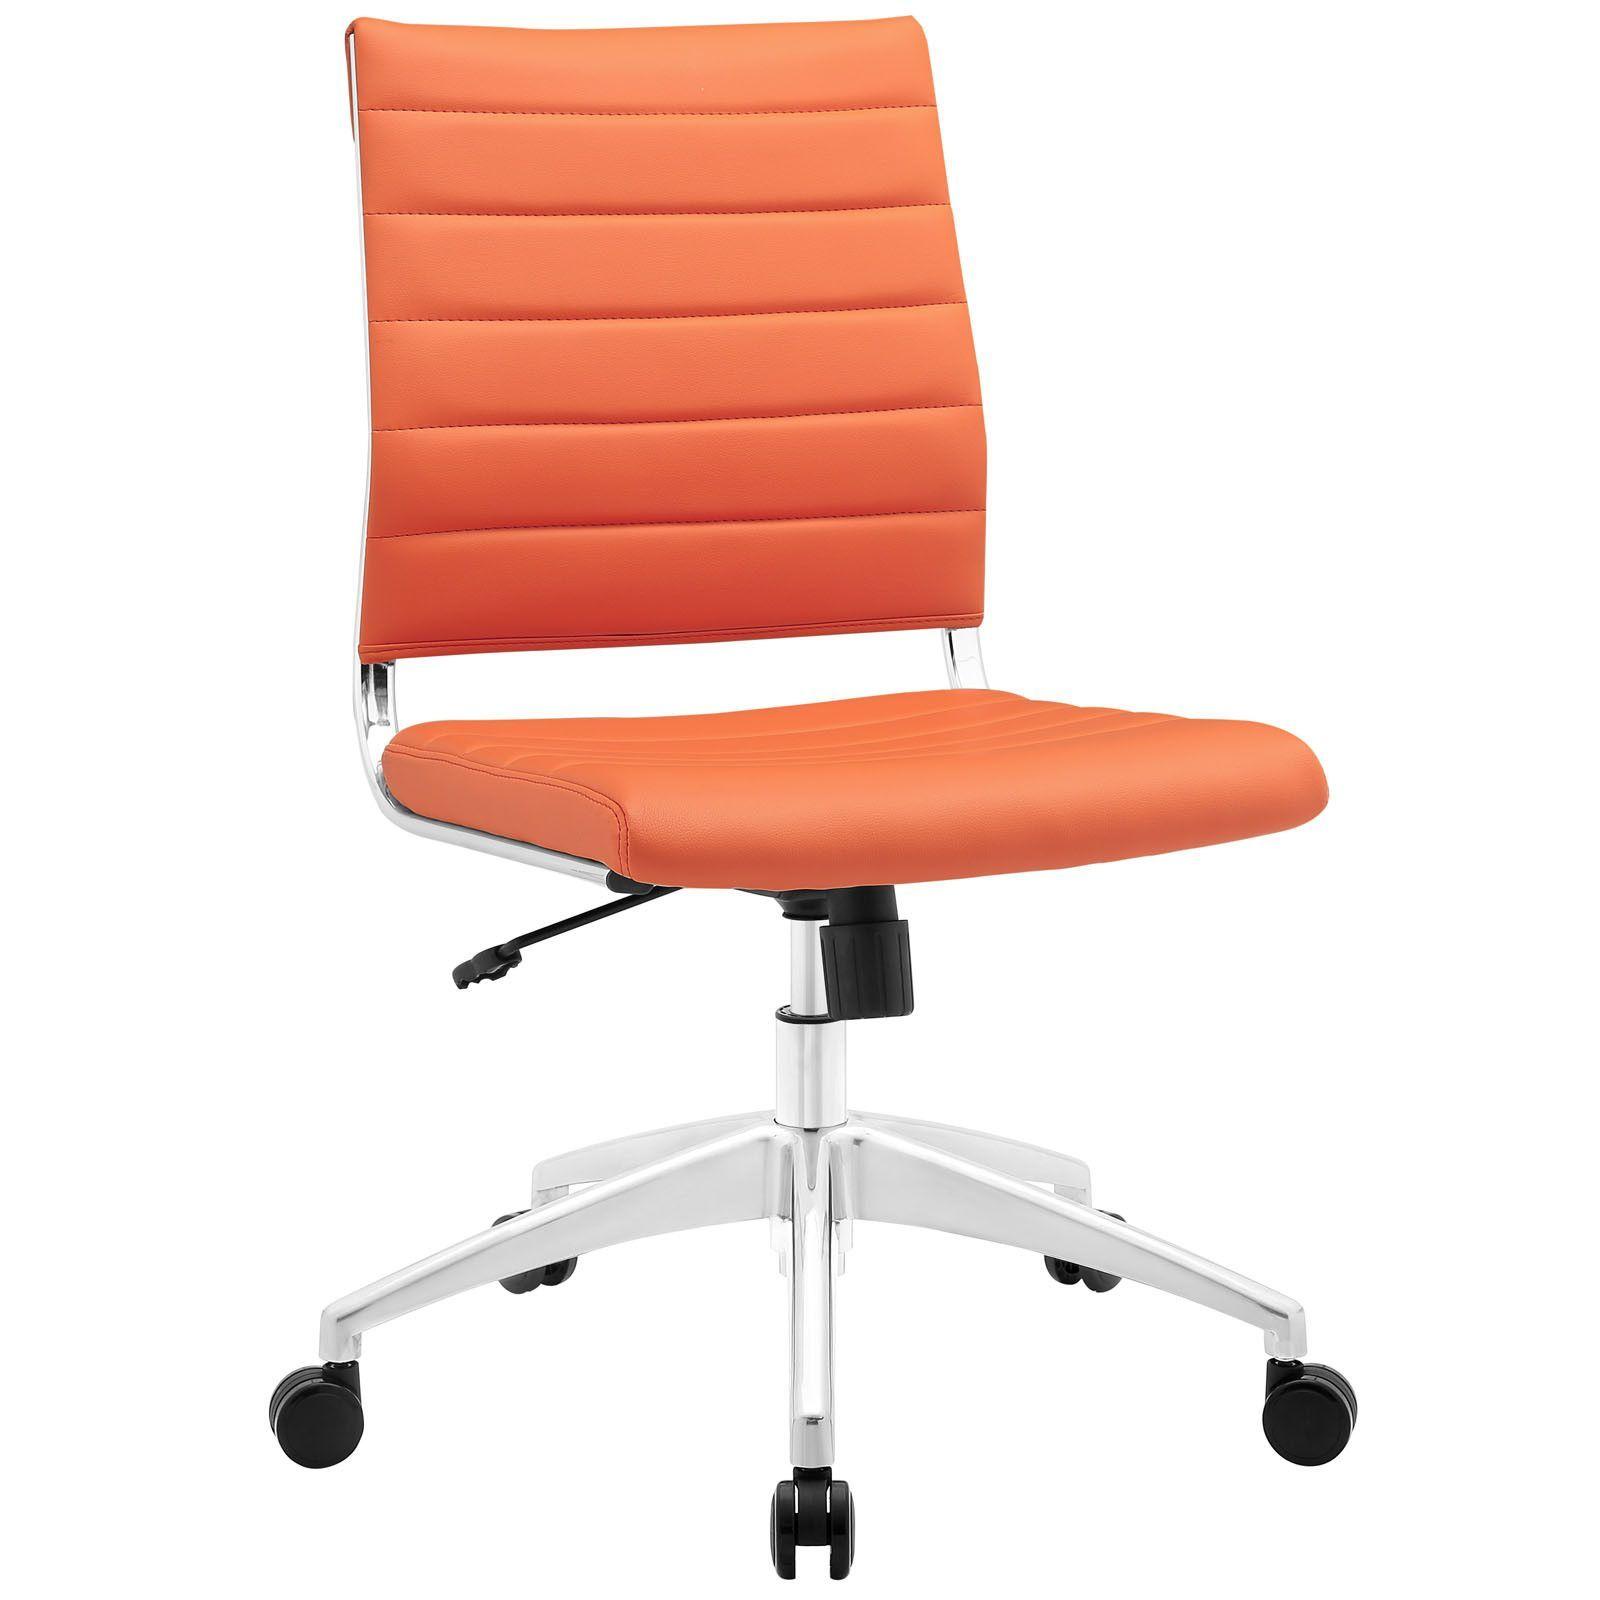 Ich habe einen stuhl in meinem shlafezimmer et ist orange farbe ich kaufe den stuhl von first of a kind der stuhl kostet 15000